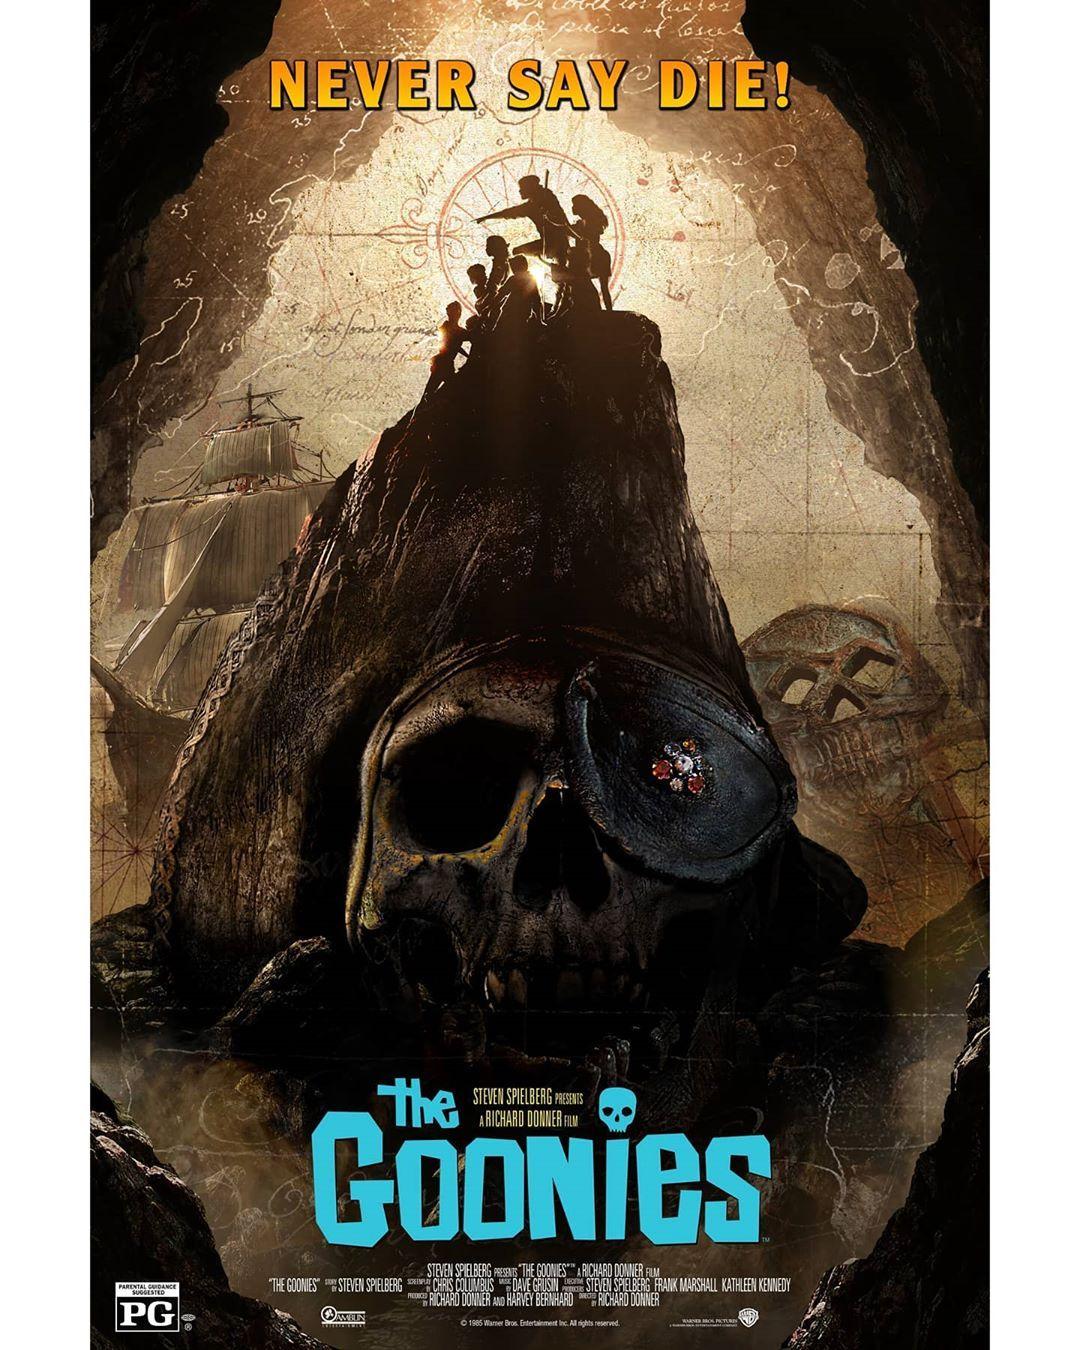 Los Goonies, Impresionante Póster de BossLogic para la versión 4K